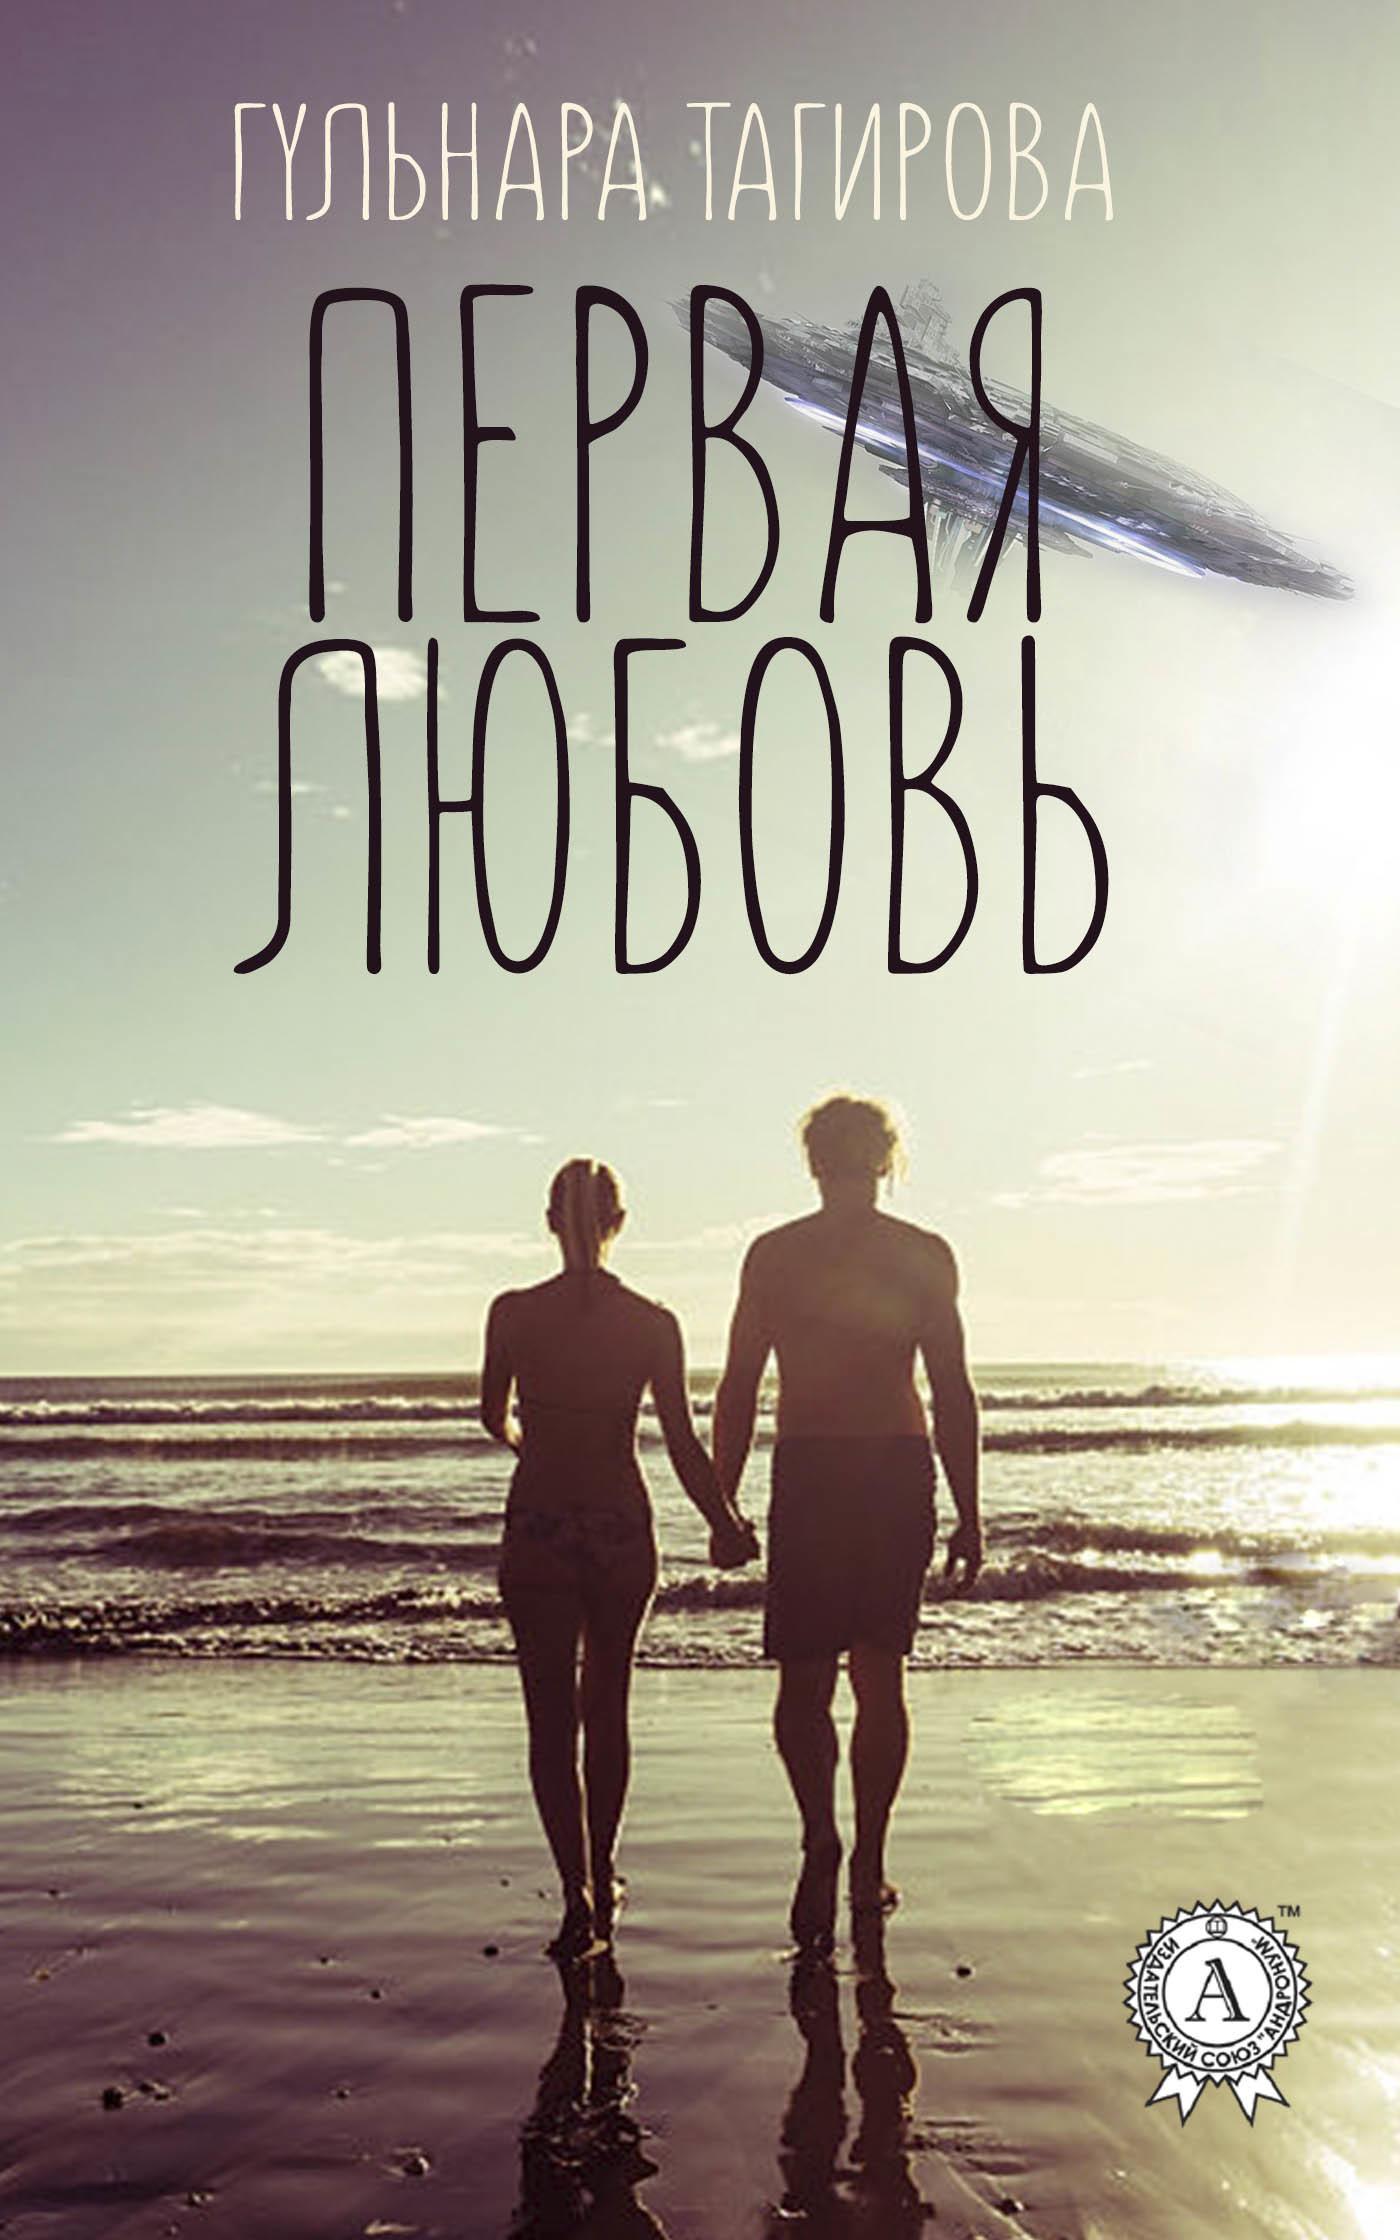 Гульнара Тагирова Первая любовь гульнара тагирова натурщица